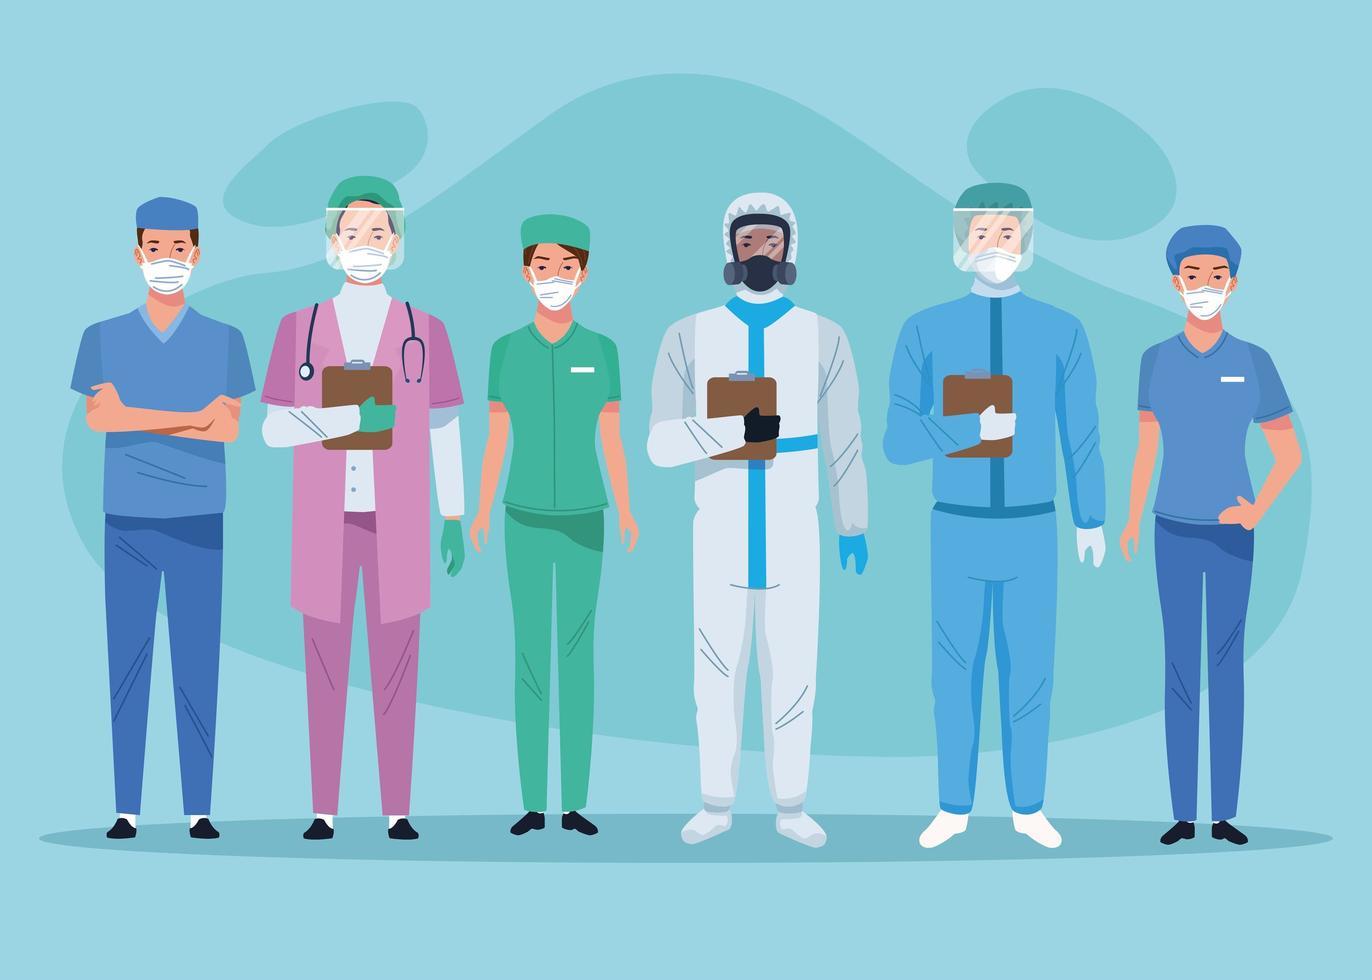 Charaktere des medizinischen Personals im Gesundheitswesen vektor